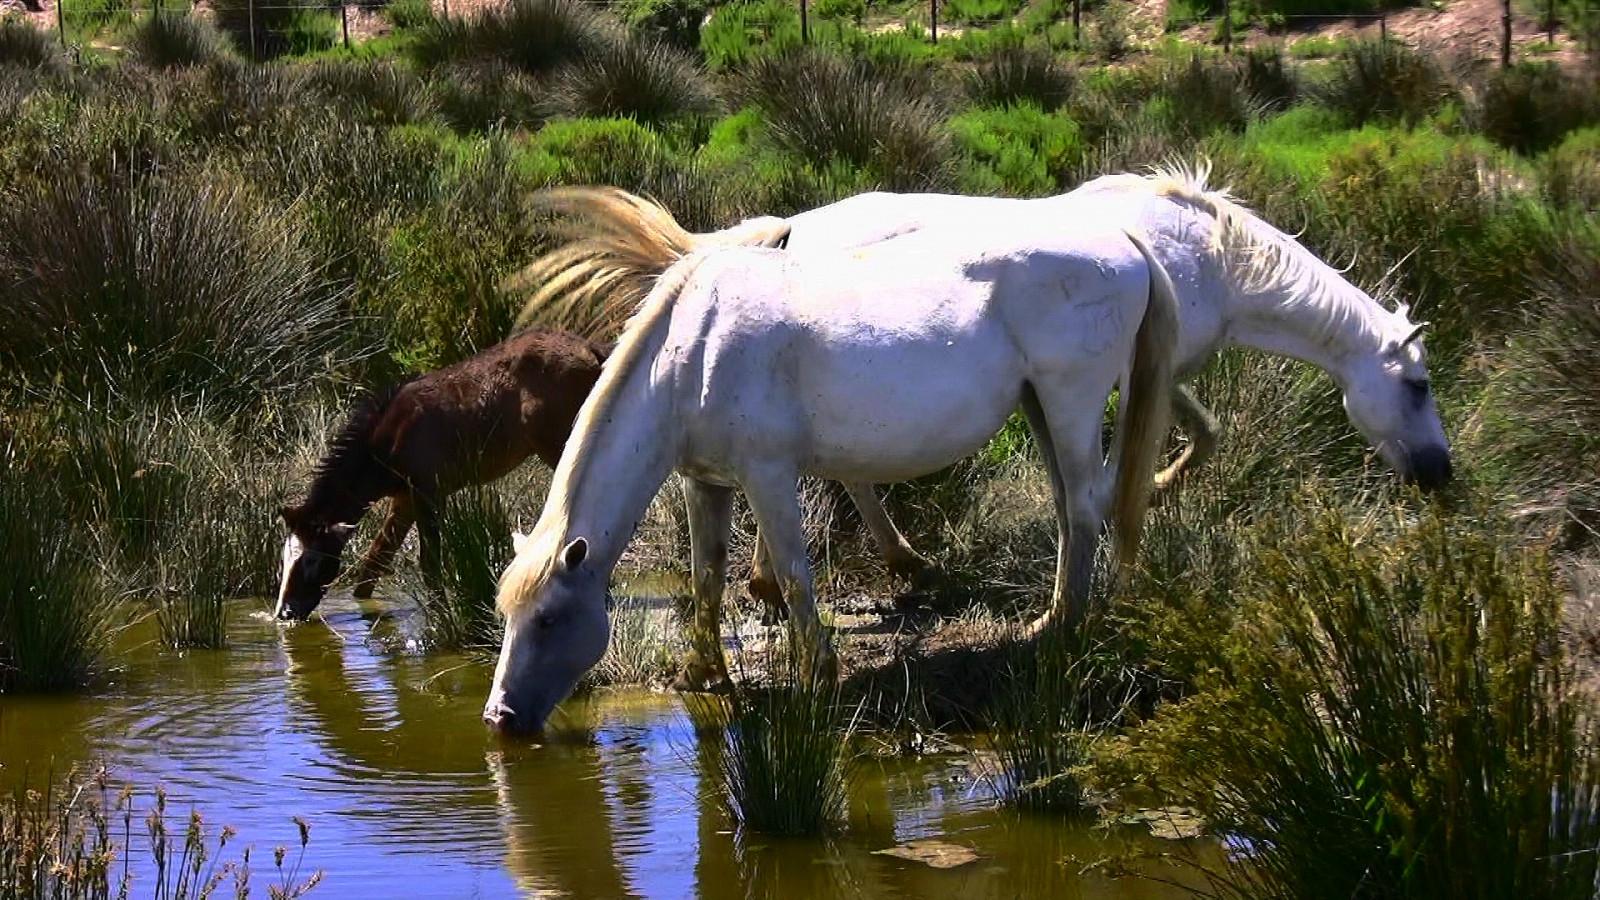 Sfondi paesaggio animali creatura acqua natura for Animali da stagno